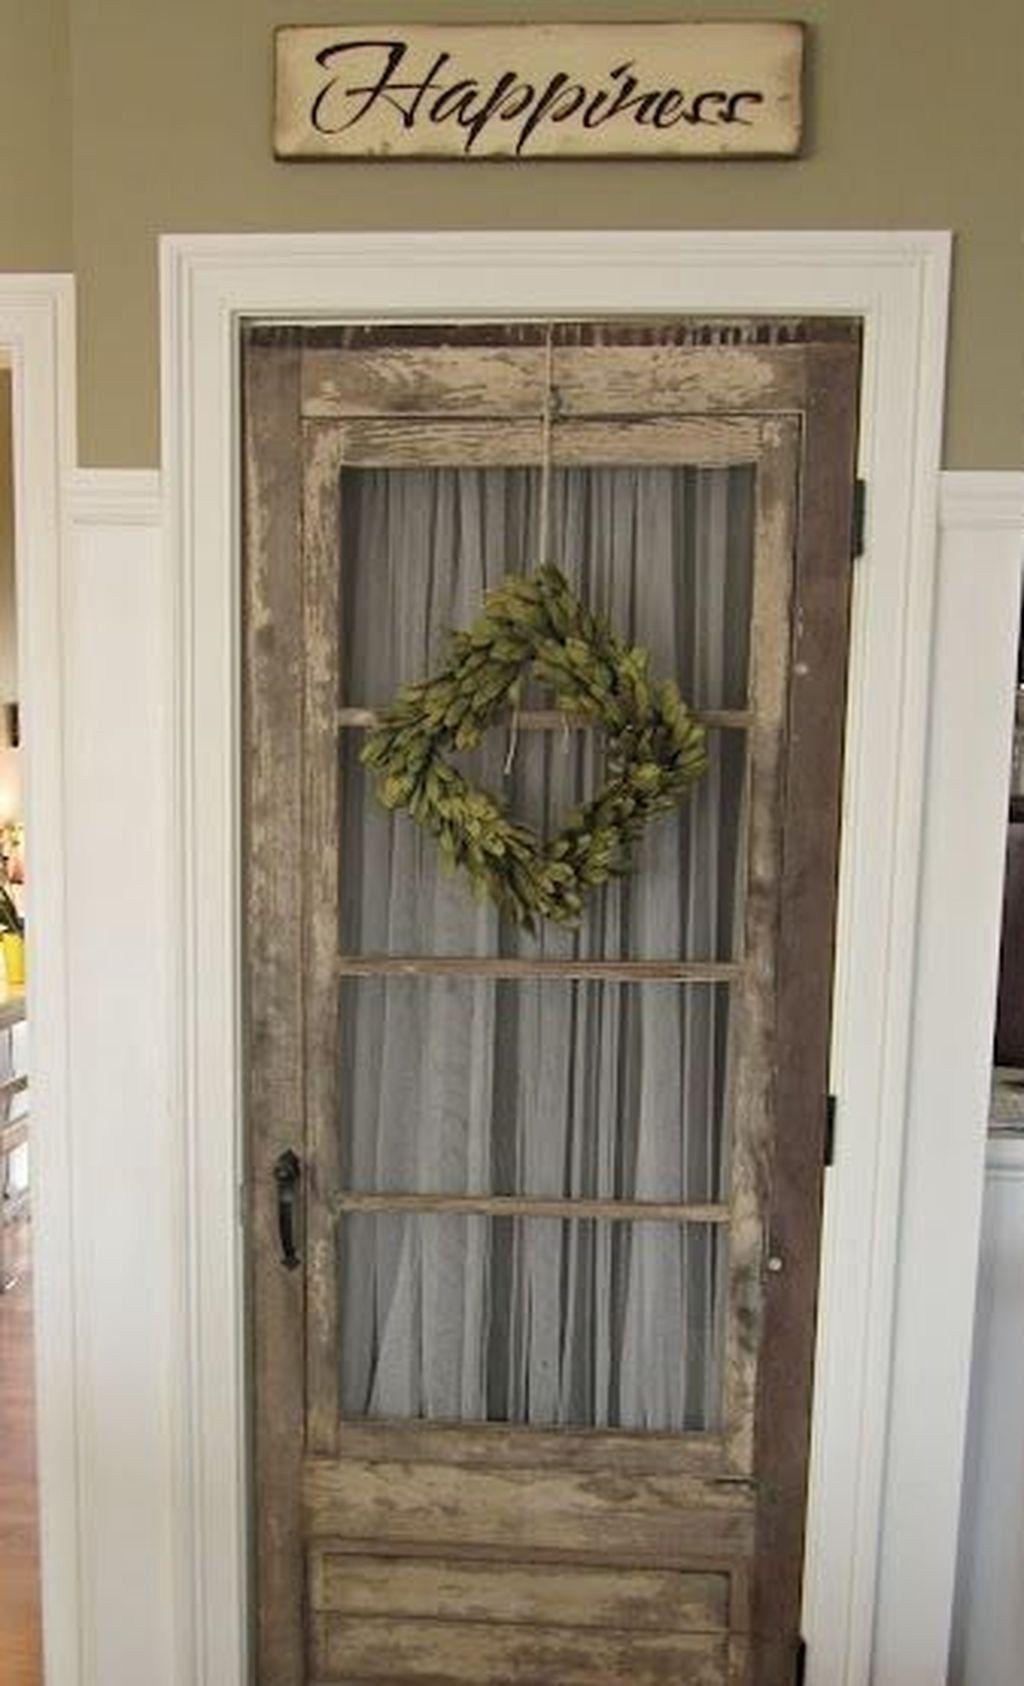 47 Best Exterior Door Ideas For Home Looks Amazing Decoomo Com Unique Rustic Decor Antique French Doors Primitive Decorating Country